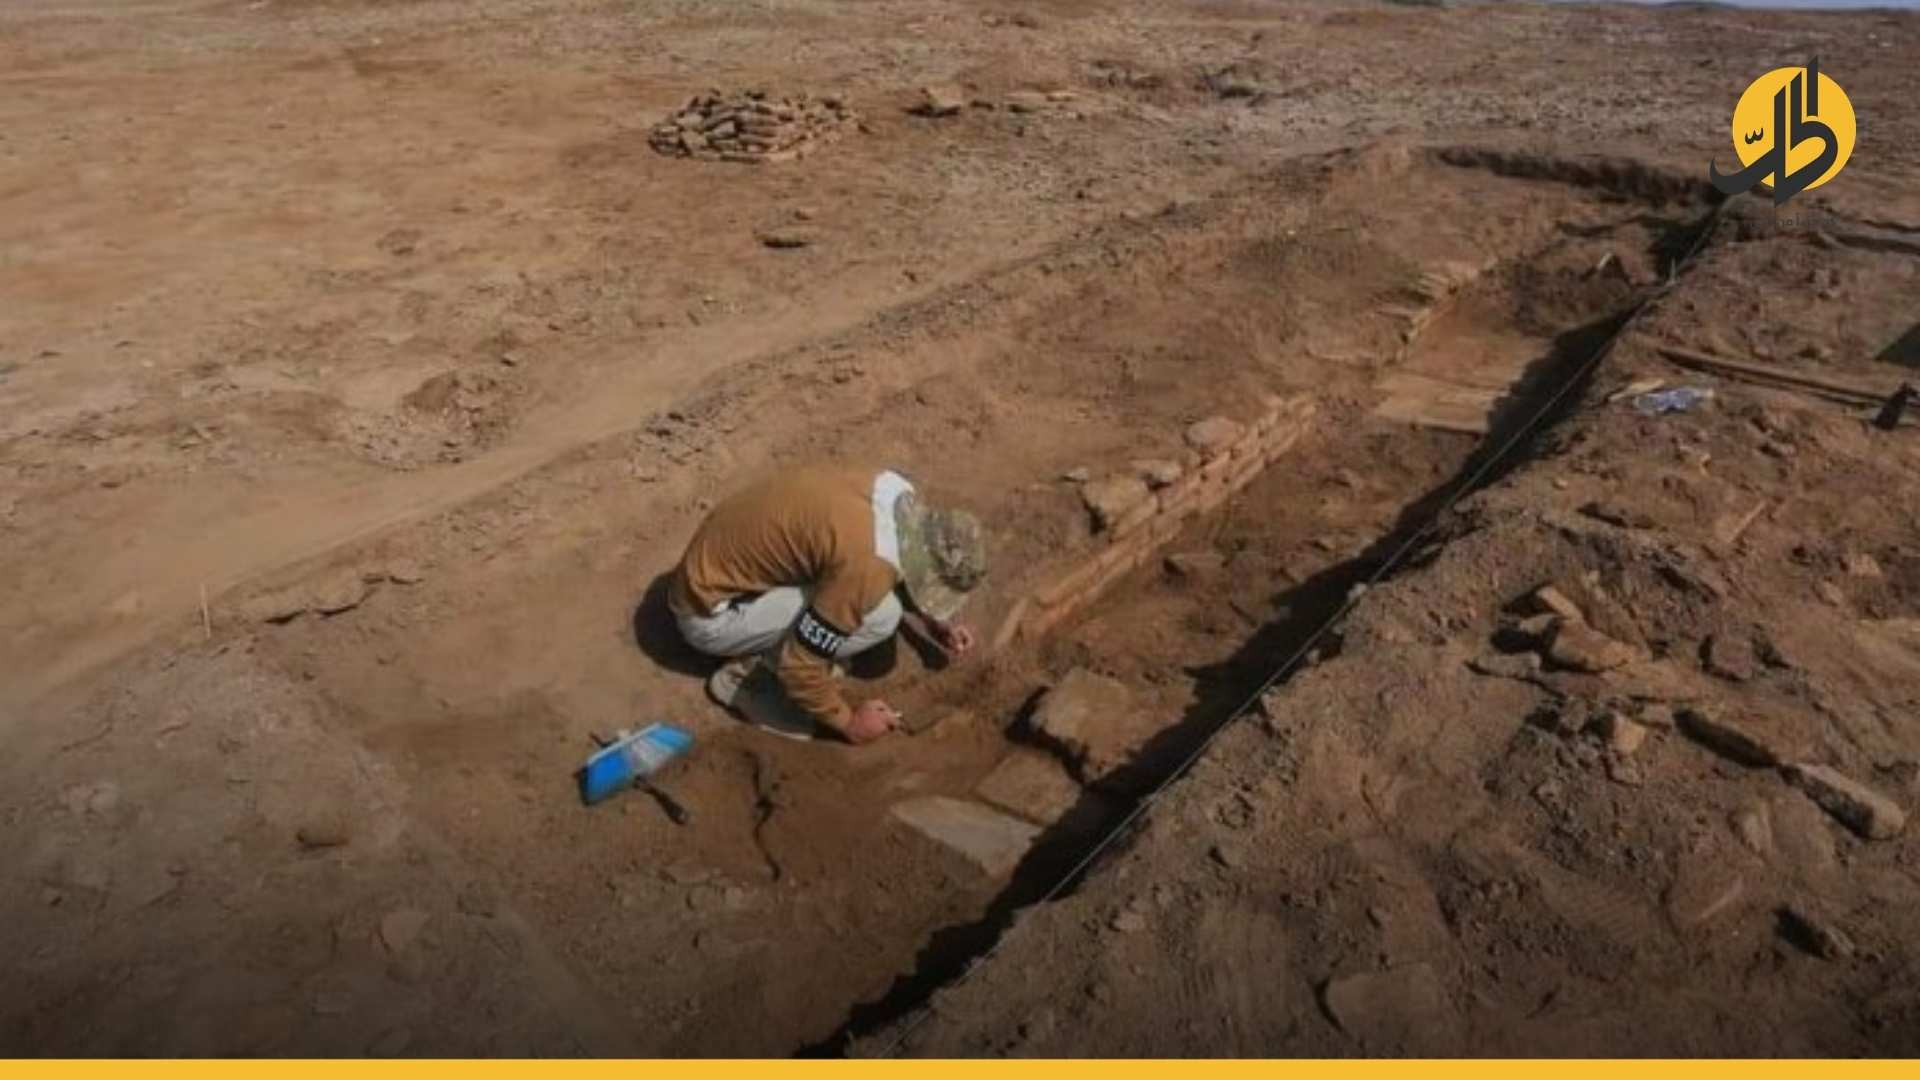 شاهد/ ـي بالصوَر: اكتشاف مدينة أثرية عمرها 4000 عام جنوبي العراق